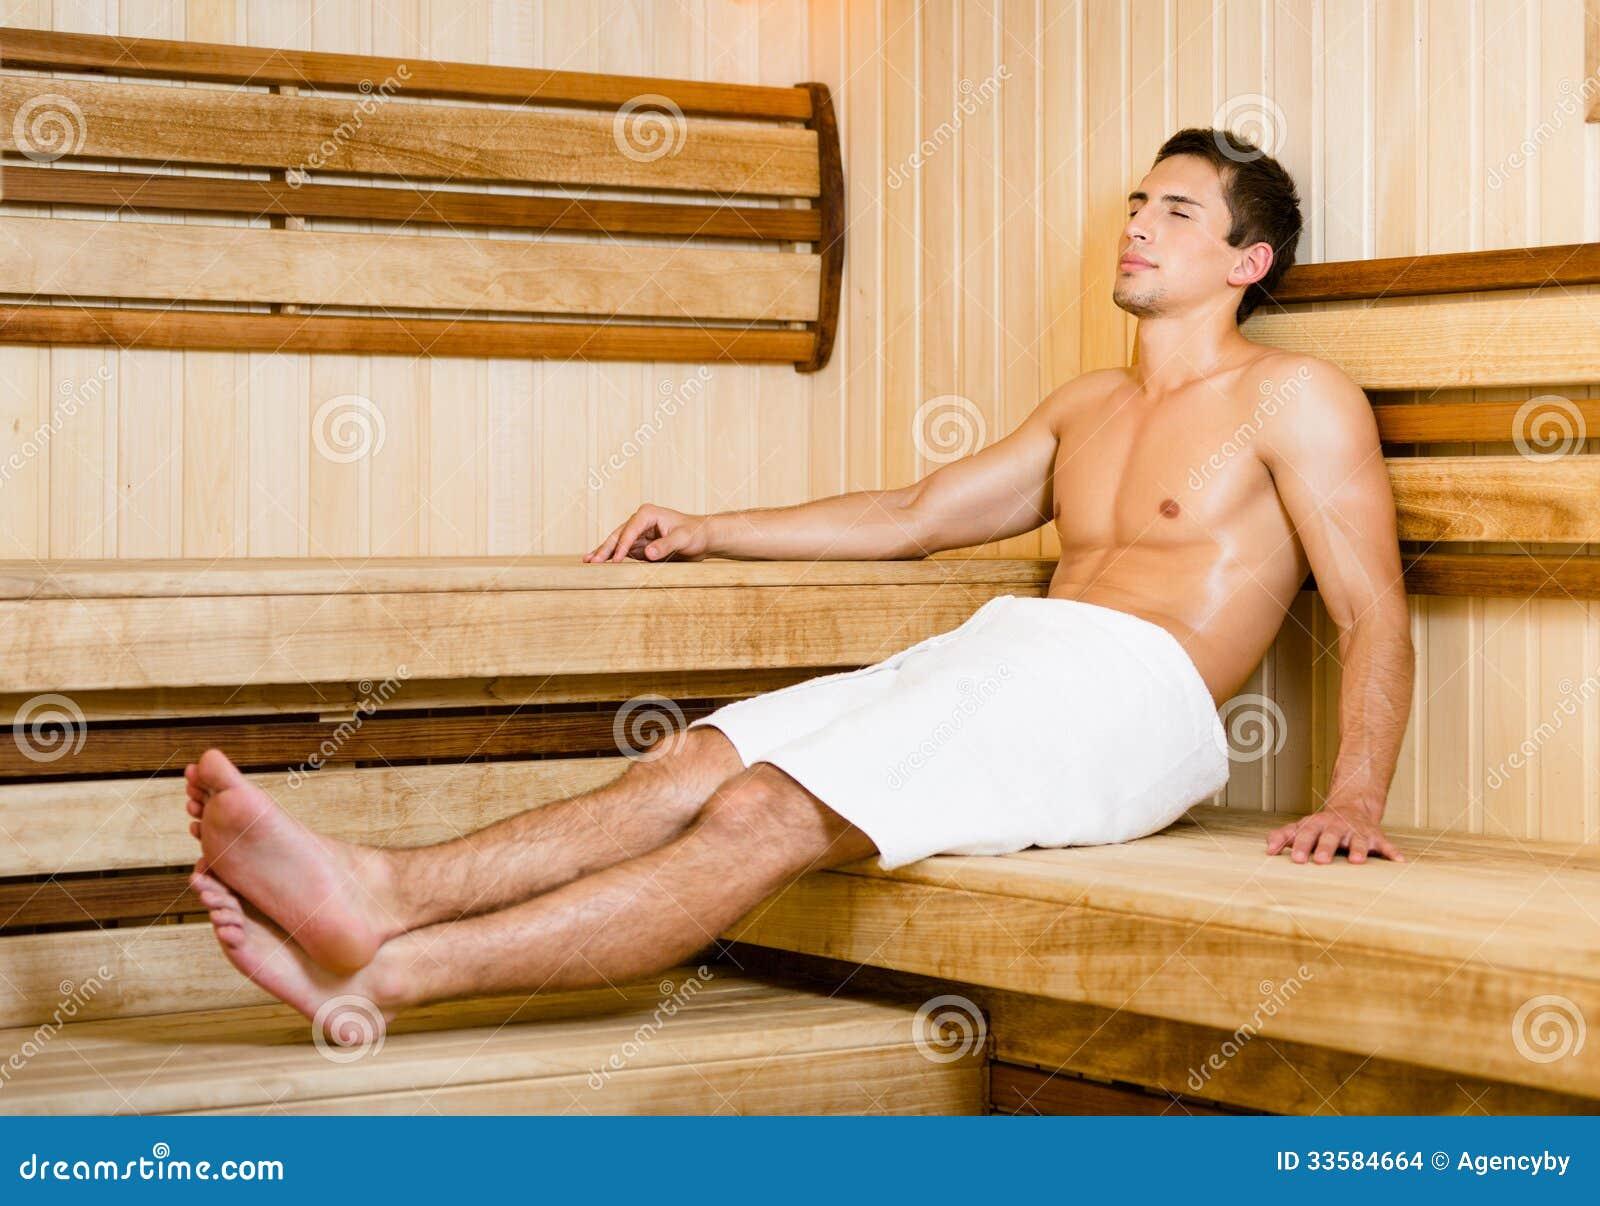 Eitelkeit Sauna Bilder Ideen Von Pattern Halb Nackter Junger Mann, Der In